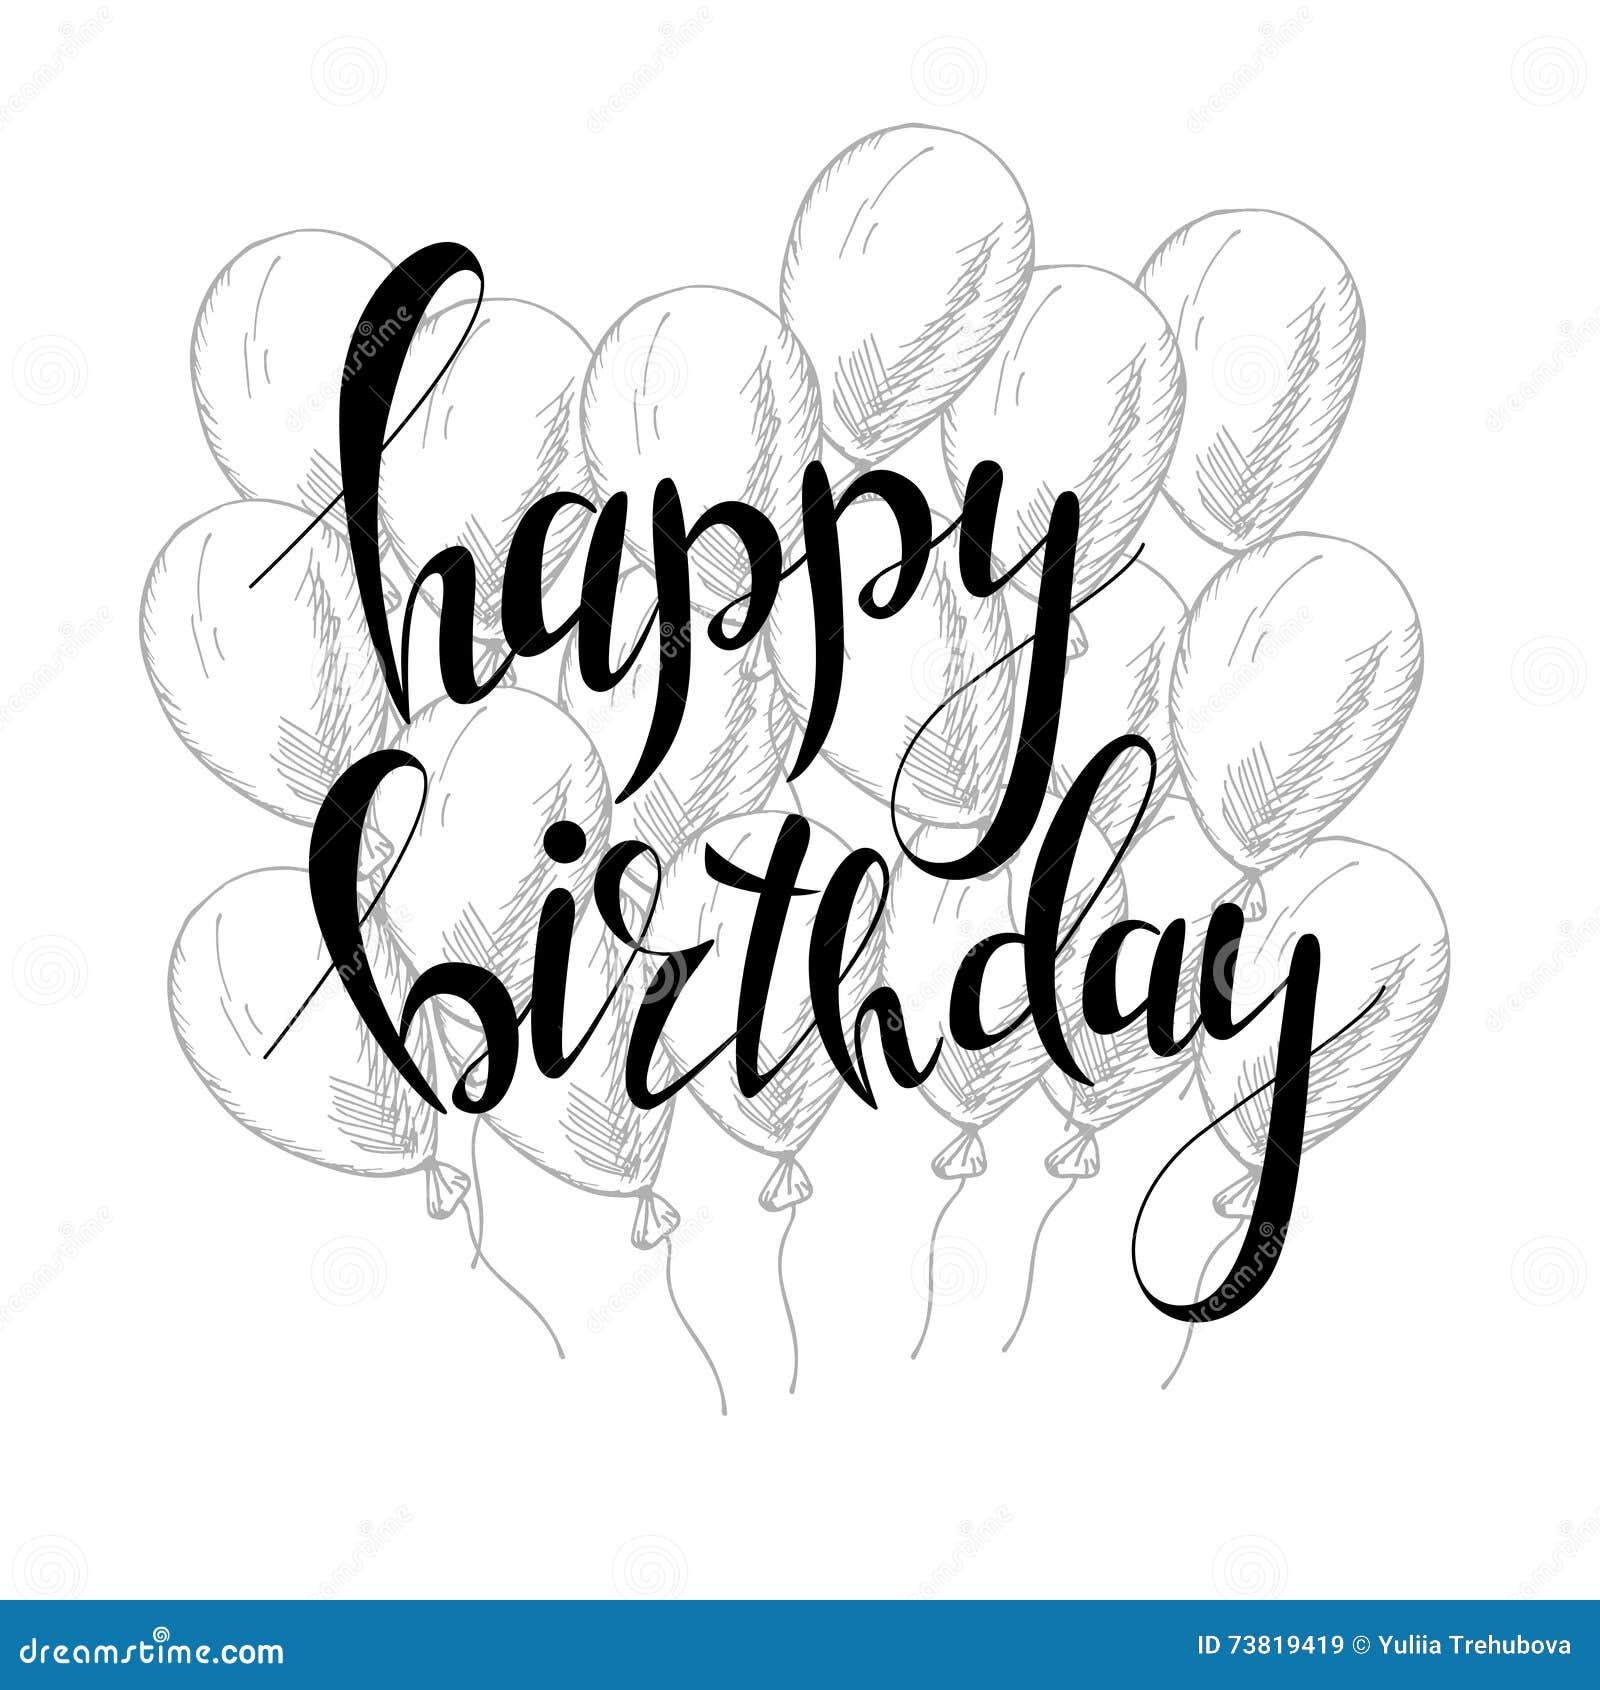 Картинки для открытки с днем рождения черно-белые